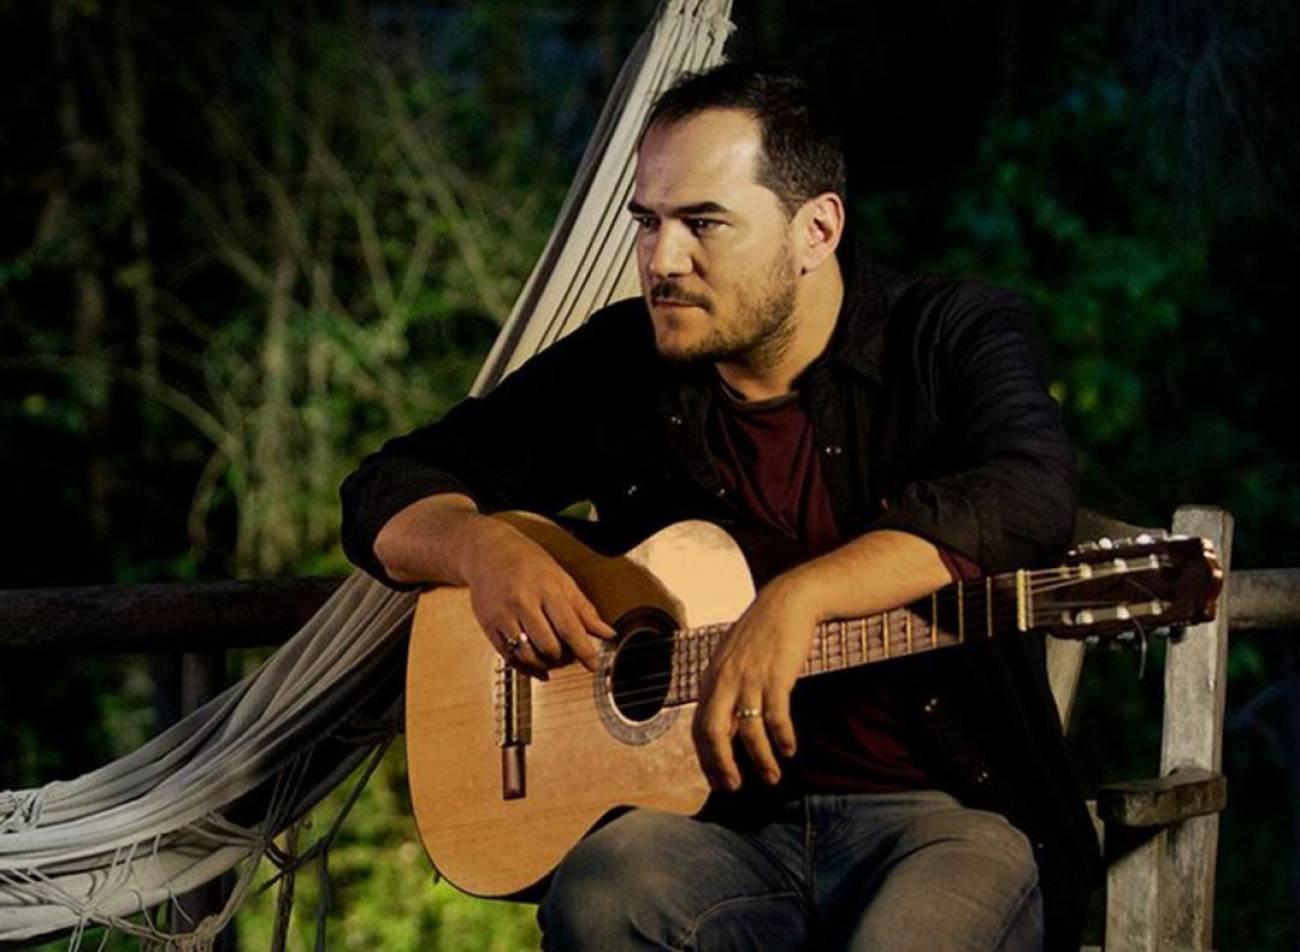 Pospuesto el concierto de Ismael Serrano al 11 de diciembre de 2020